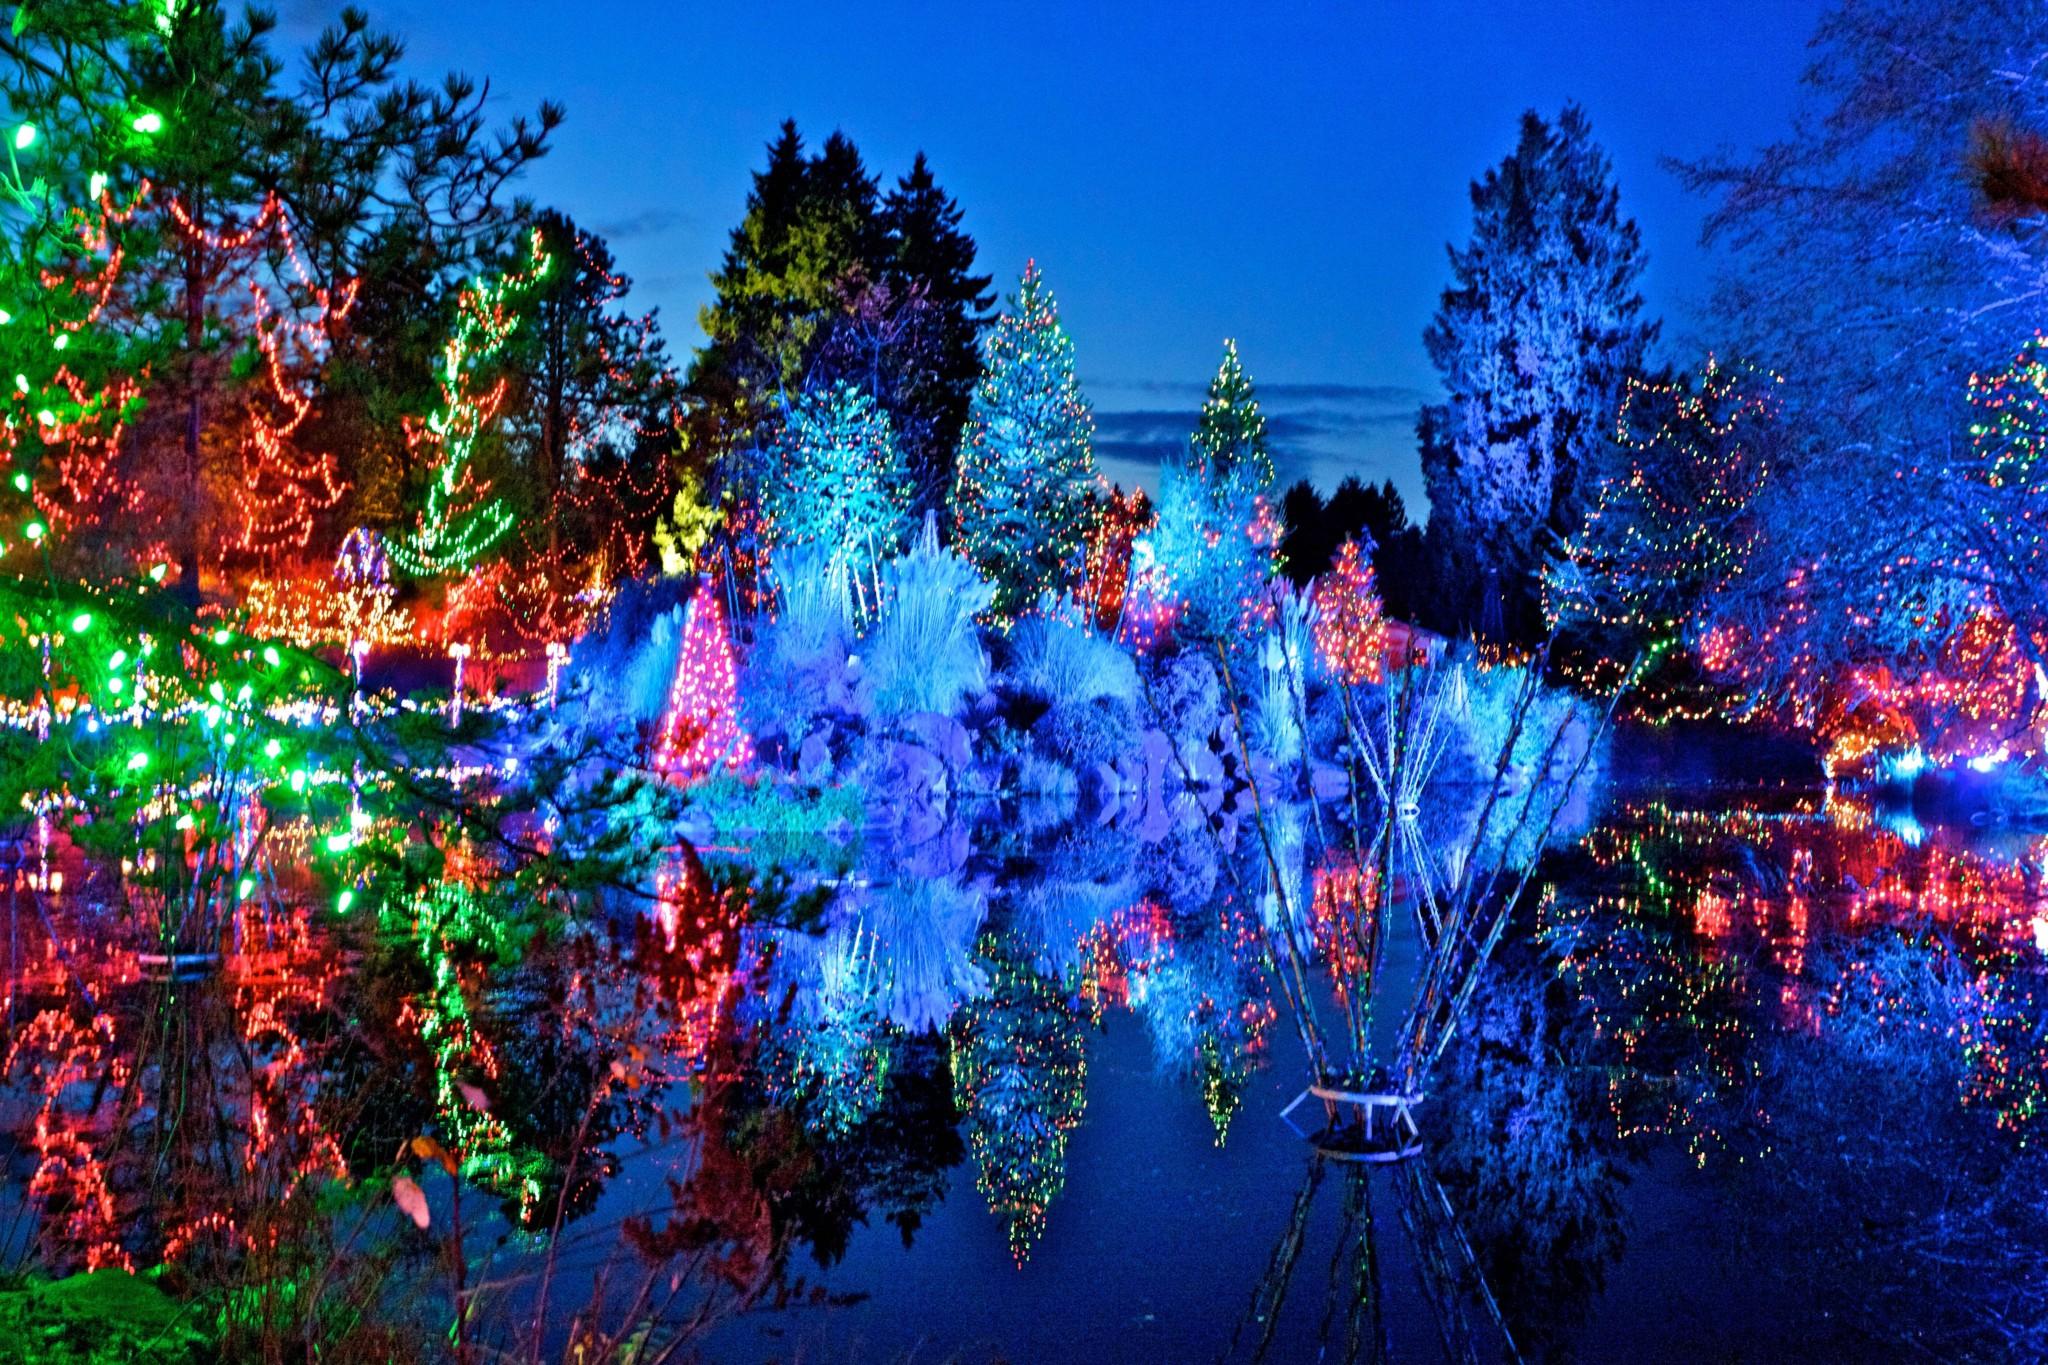 Festival of Lights at VanDusen Botanical Gardens